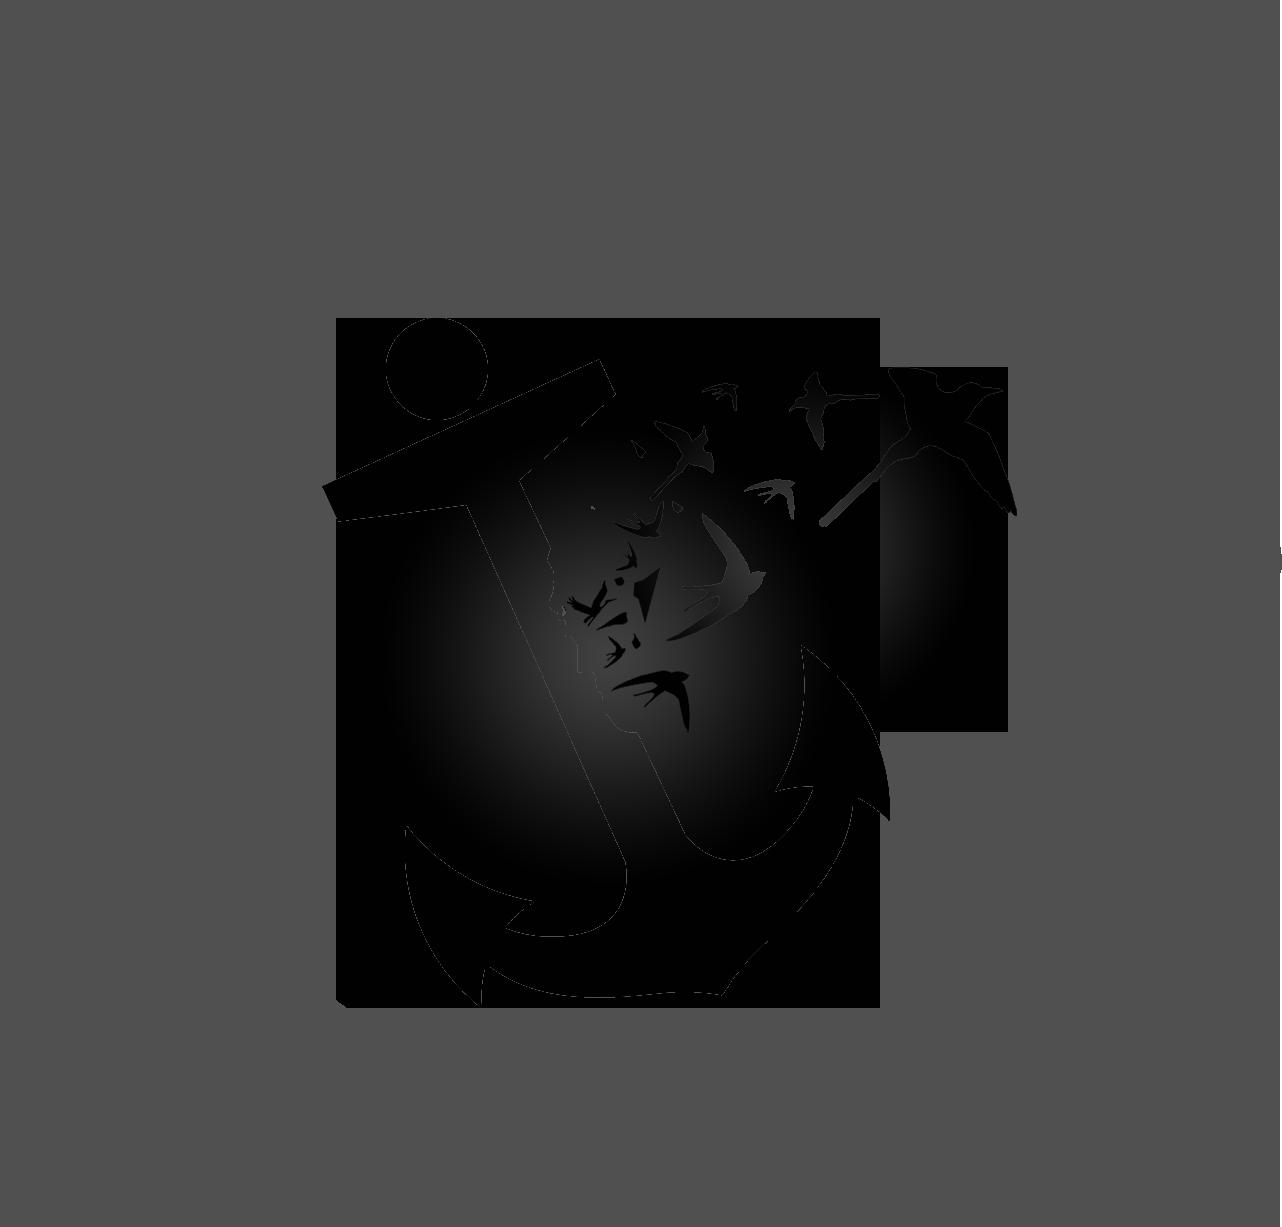 B&Wlogo_broken anchor